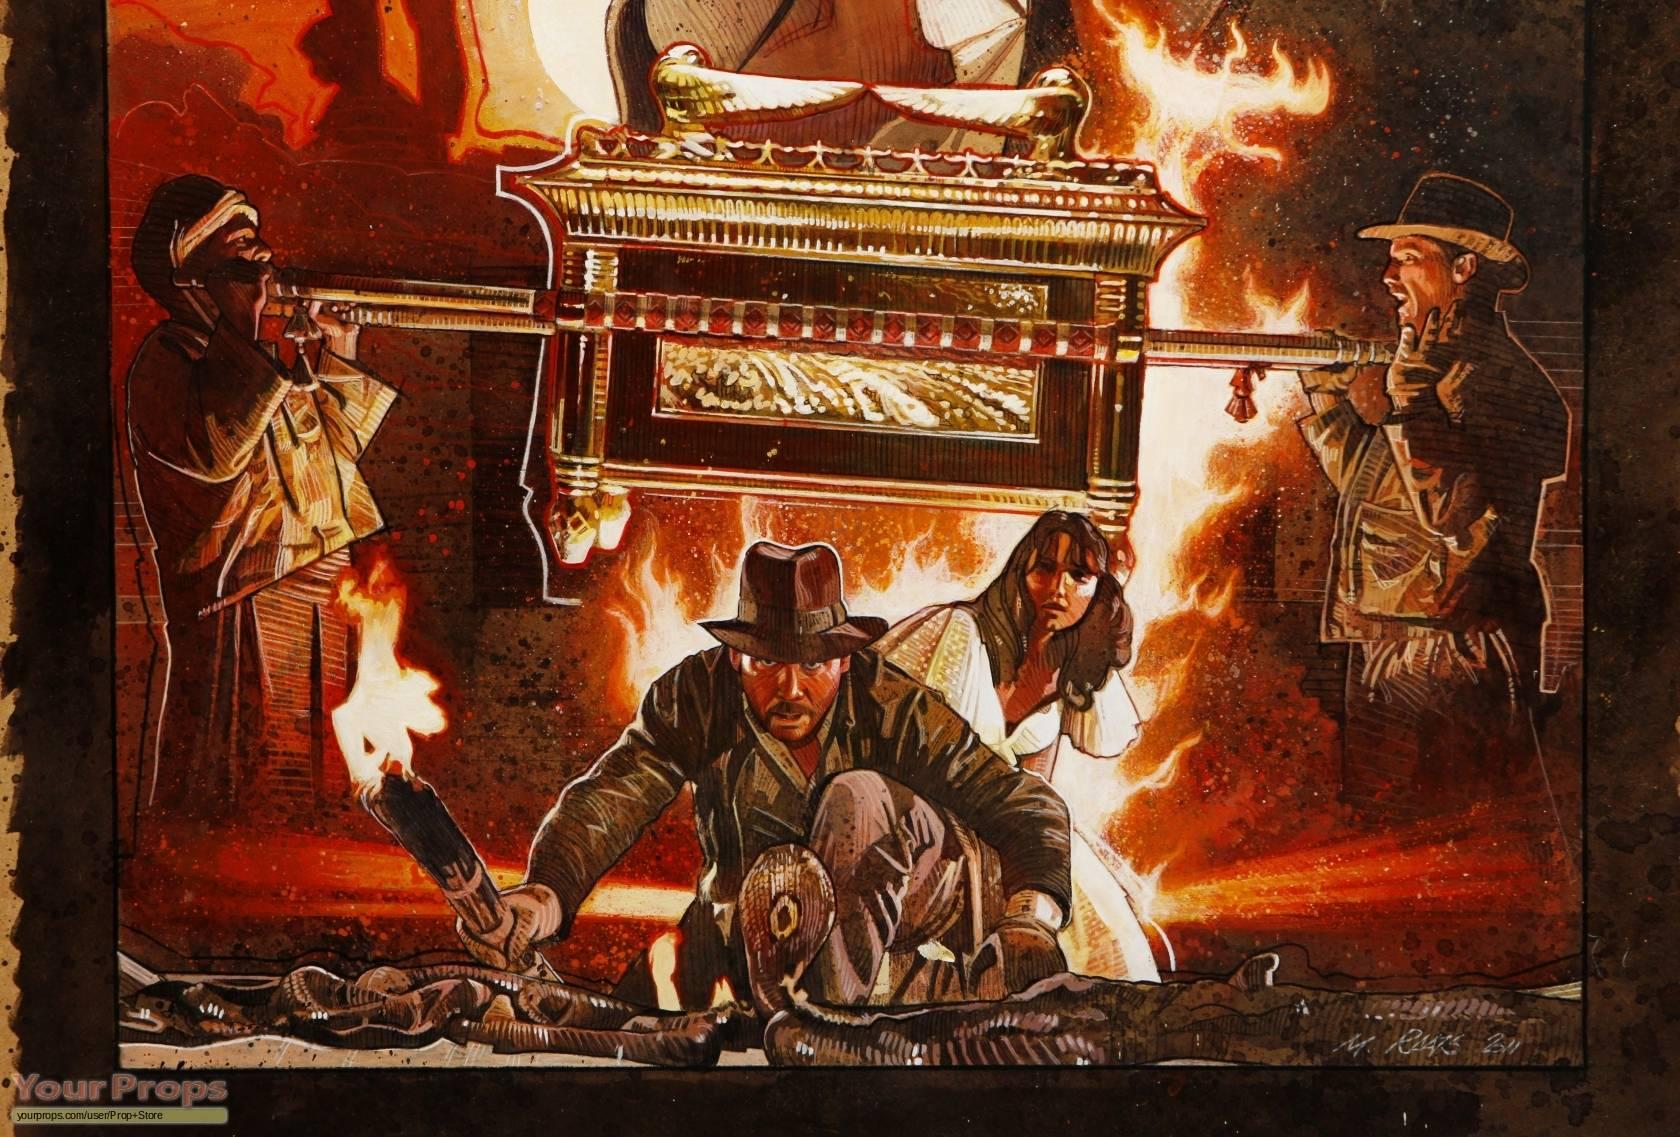 1680x1137px Indiana Jones Wallpaper